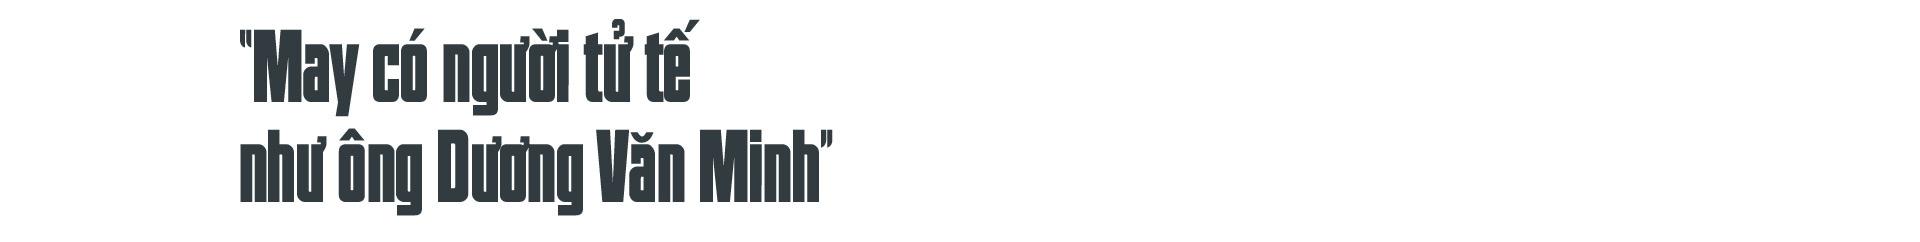 """Đạo diễn, NSƯT Phạm Việt Tùng: """"Có những sự thật 30/4/1975 cần làm sáng tỏ để không phải xấu hổ trước lịch sử""""  - Ảnh 9."""